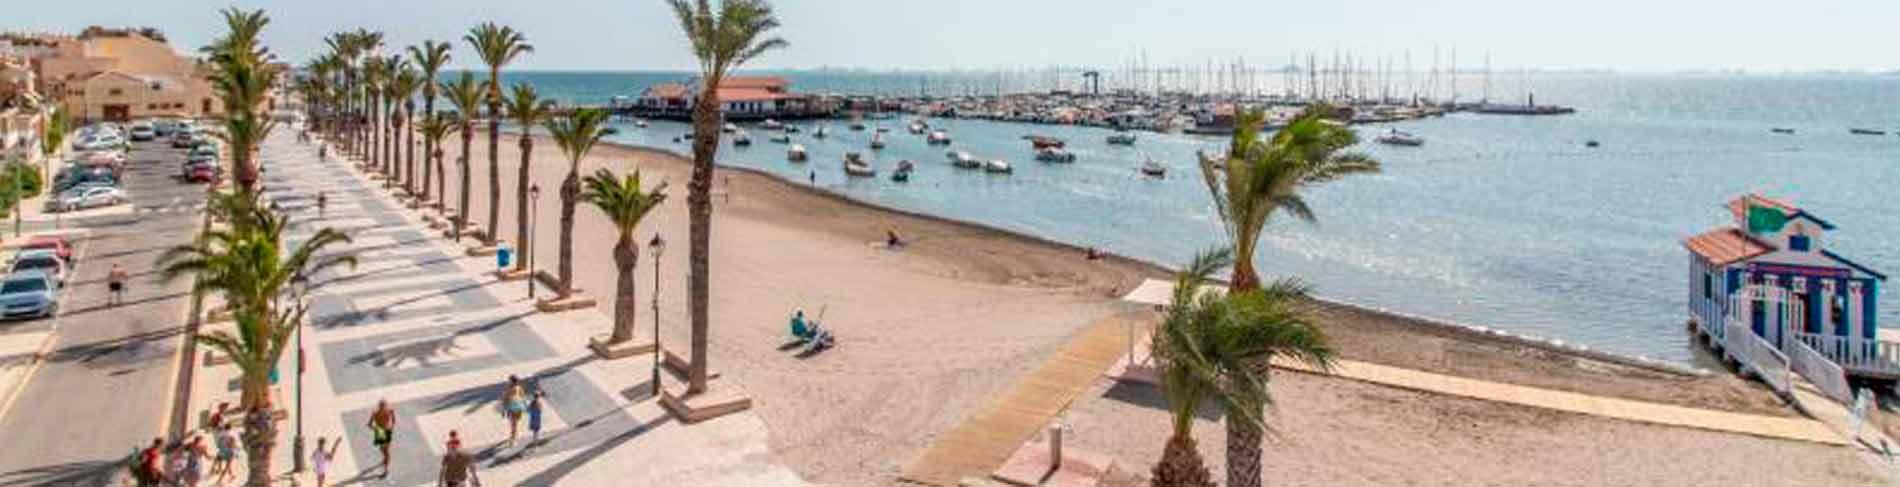 Mar Menor serie panoramica playa Los Alcazares